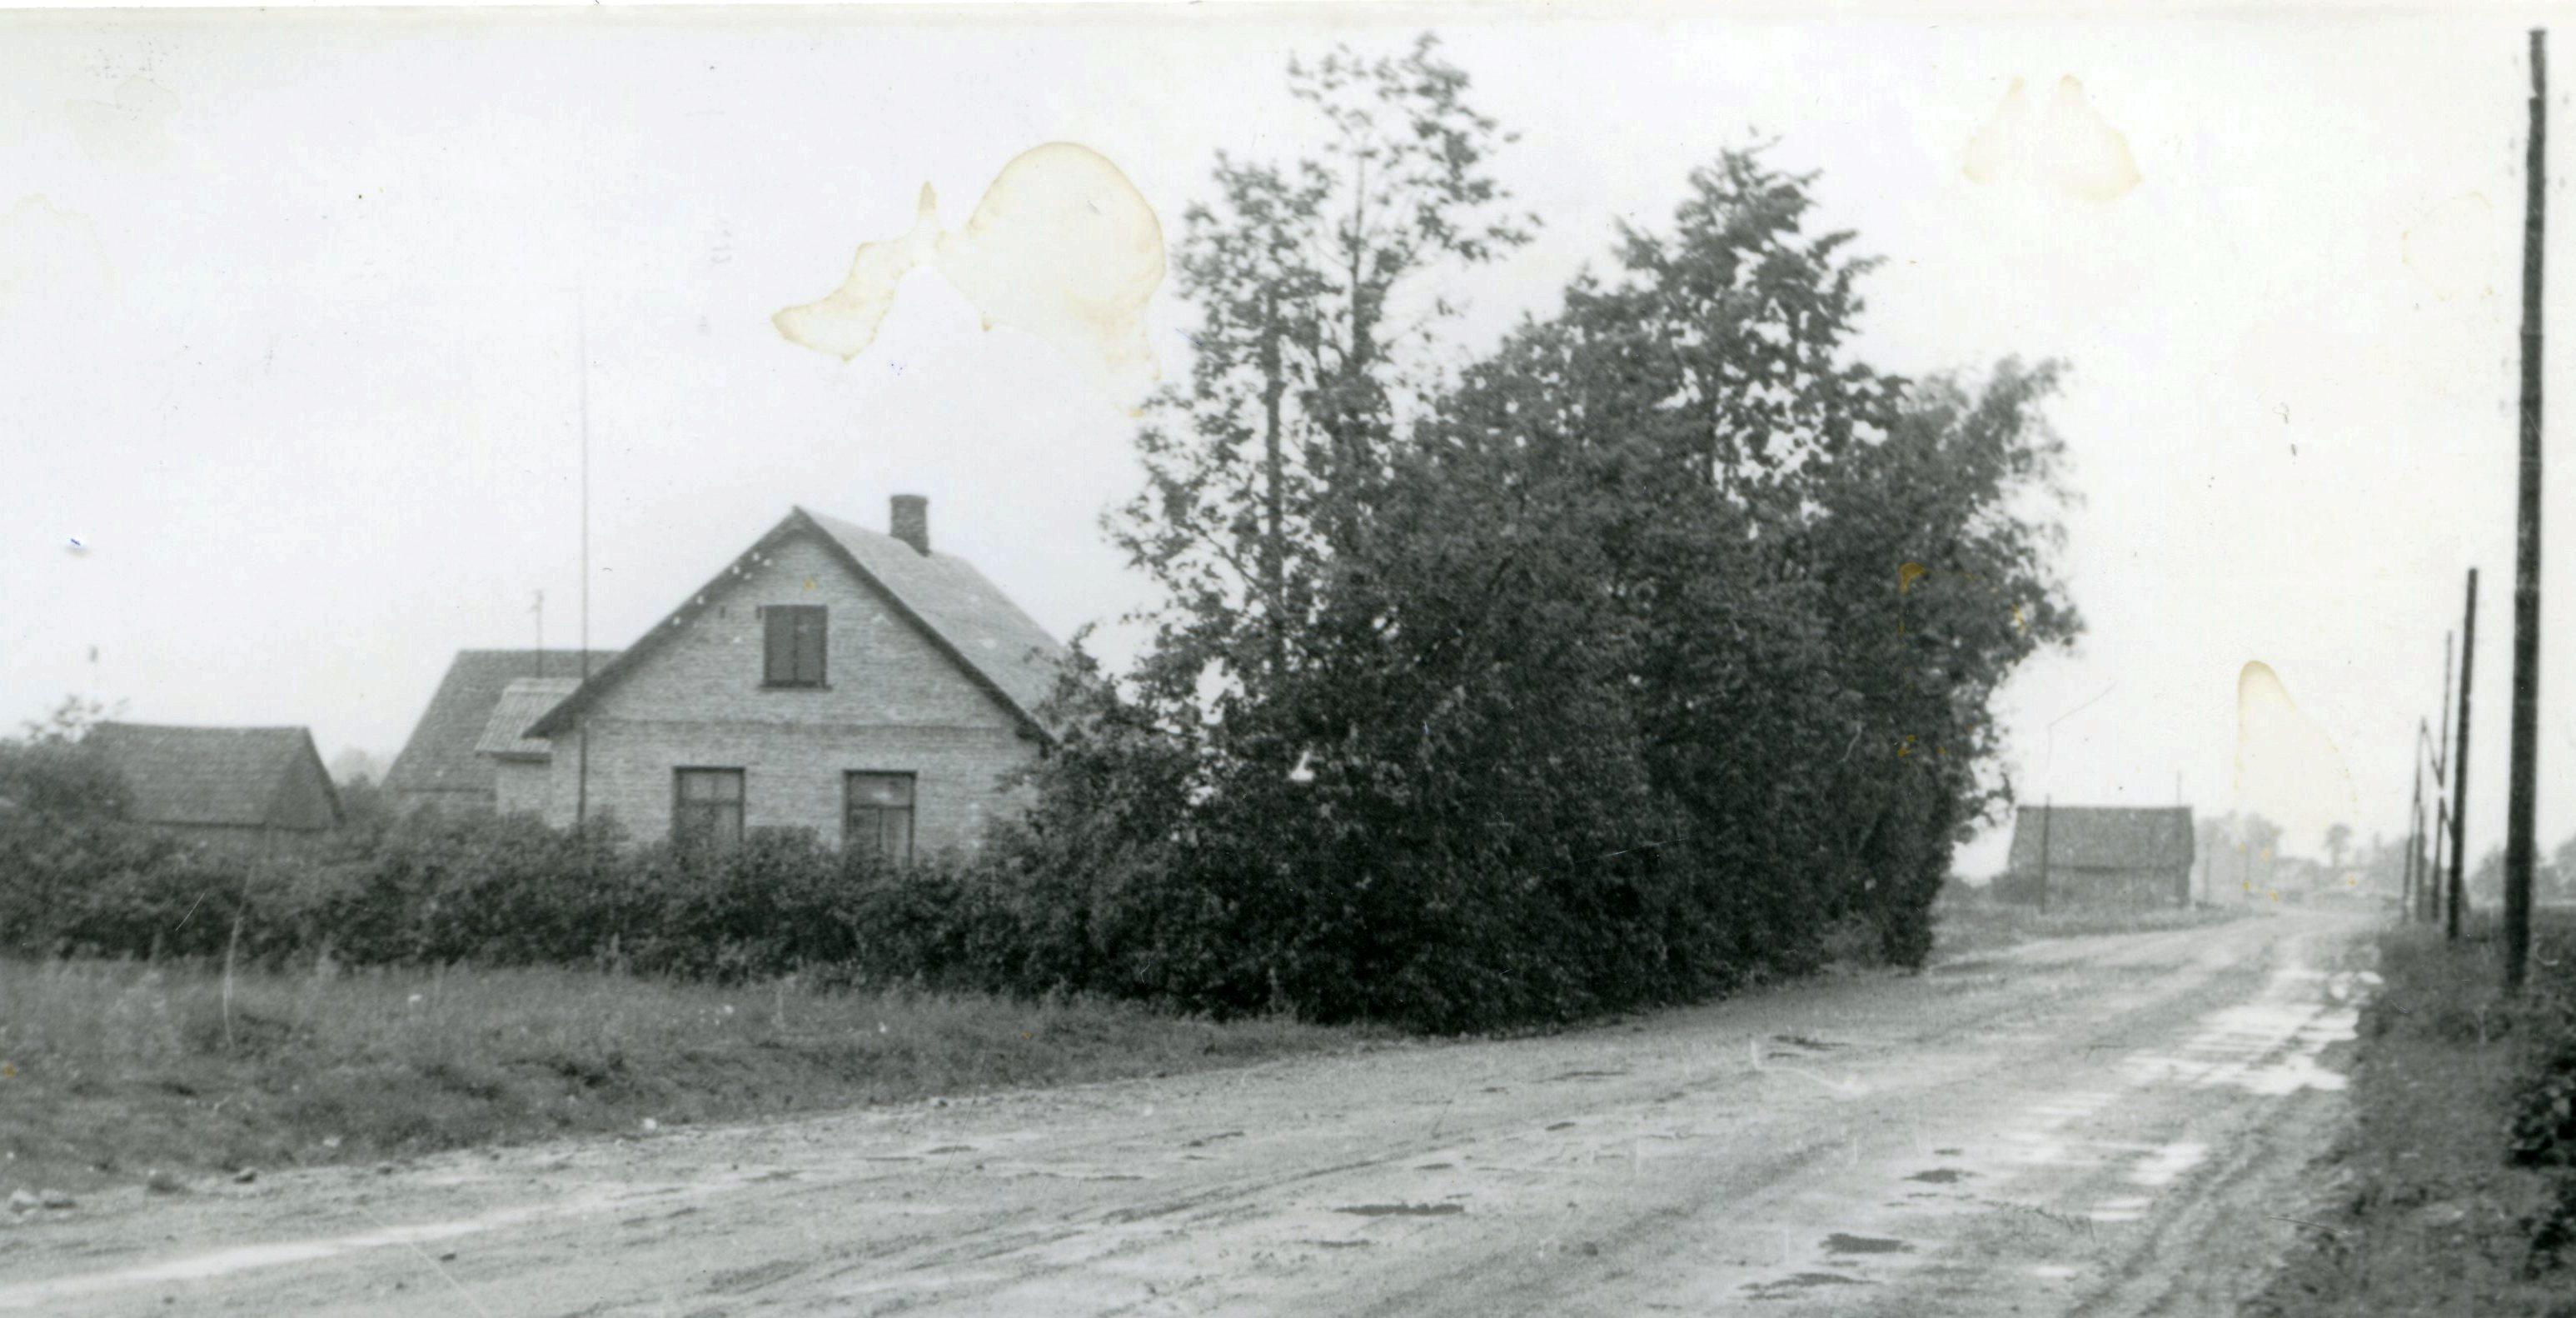 Skats no A. Starķa Mētrām uz Birzuļiem. 20. gs. 60. gadi. Ķekavas novadpētniecības muzeja krājums.